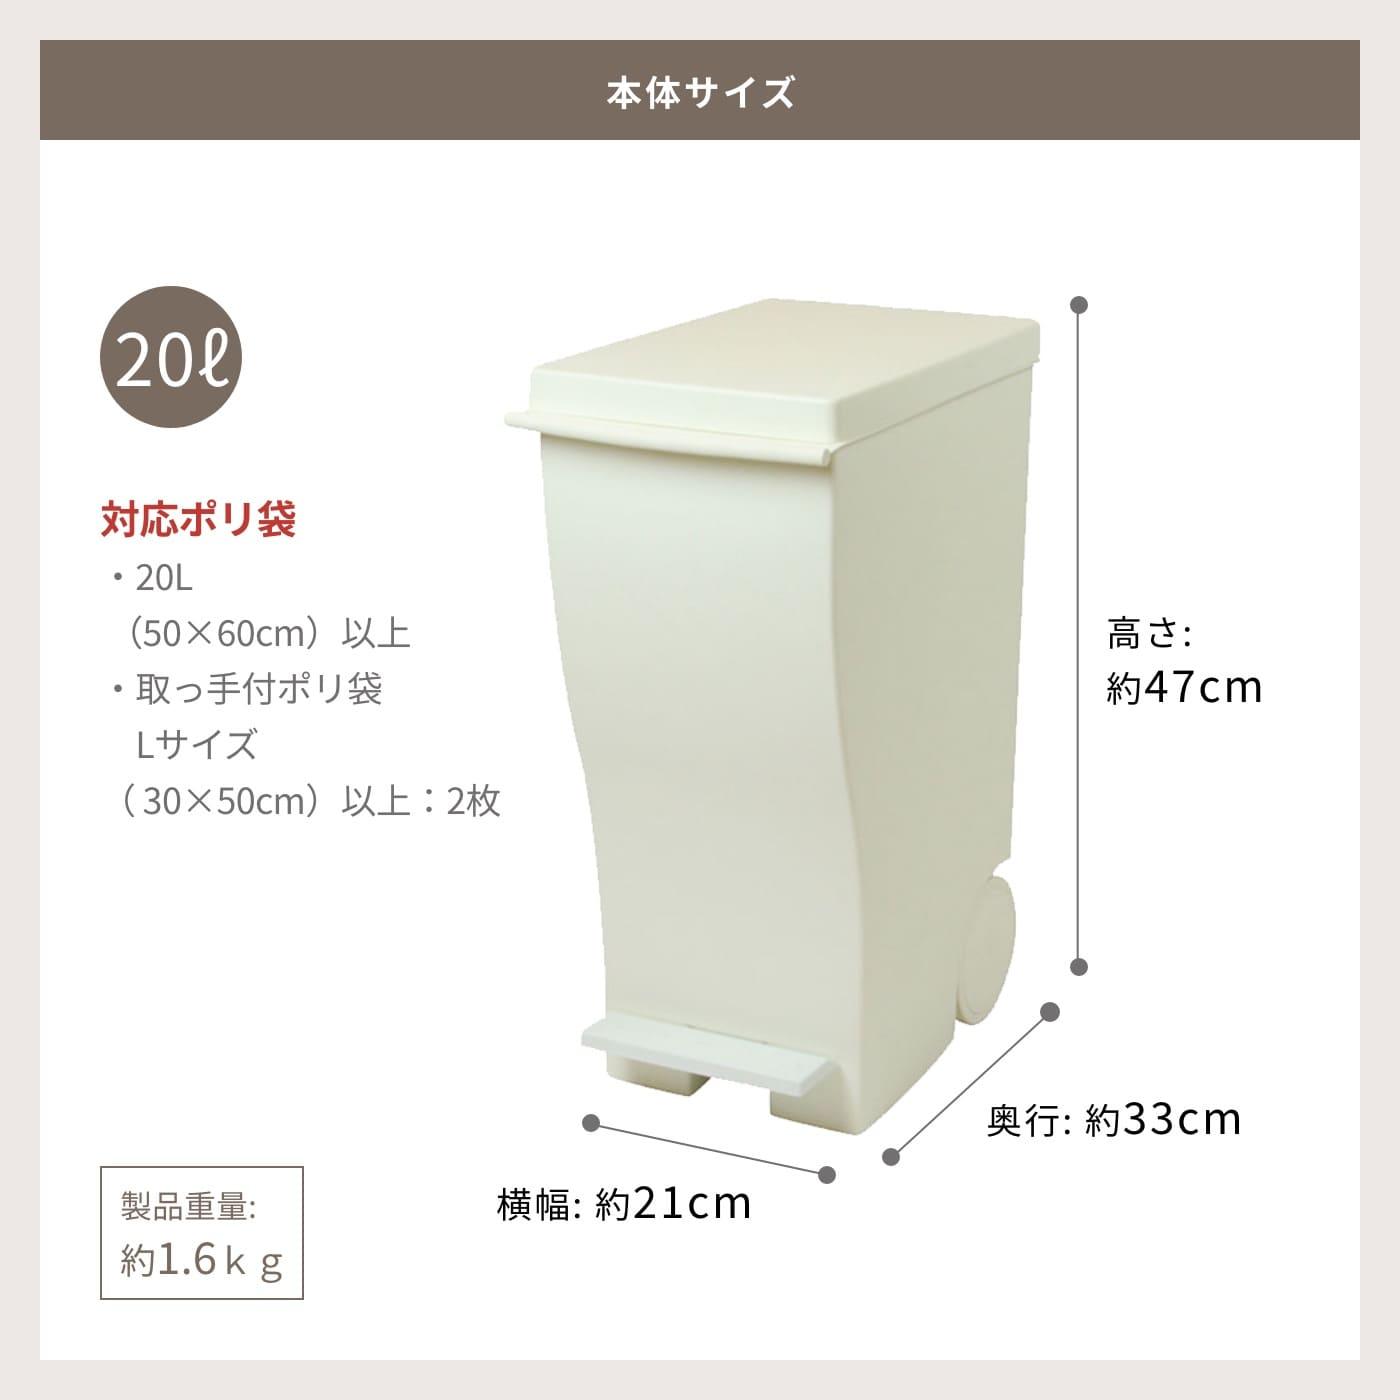 本体サイズ 20L 高さ約47cm 横幅約21cm 奥行約33cm